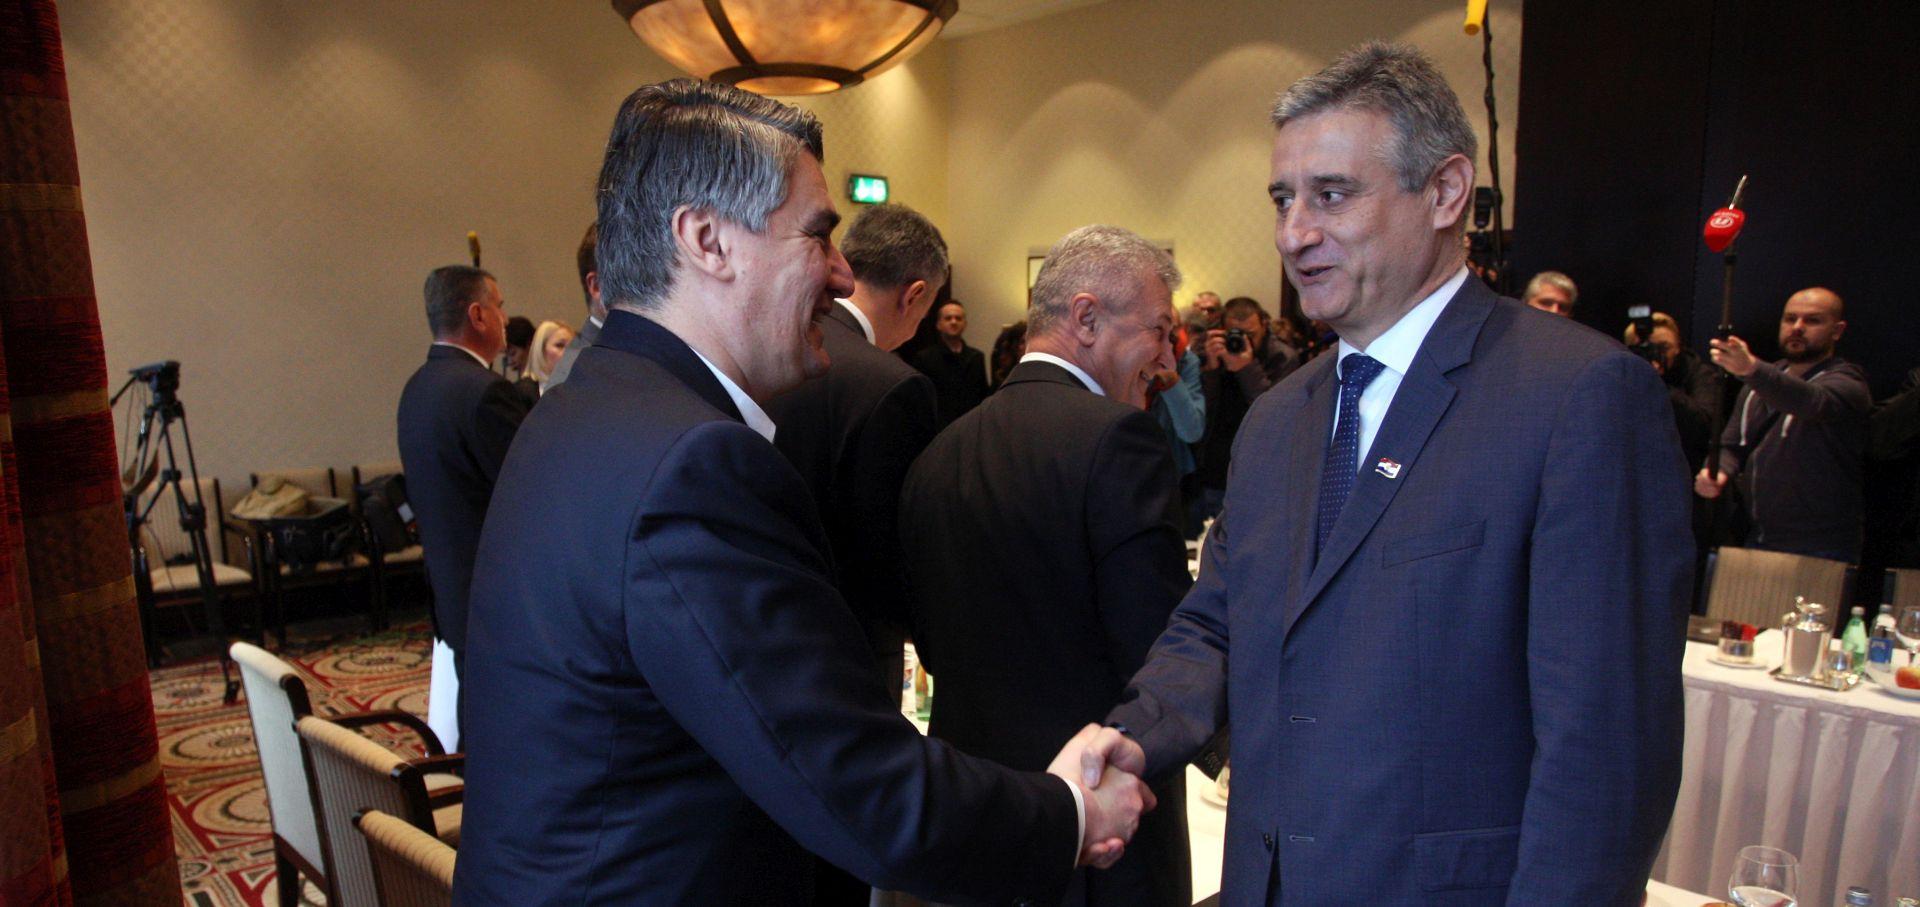 ZADOVOLJSTVO NAKON SASTANKA Milanović: Došao sam slušati, a na kraju sam i previše pričao